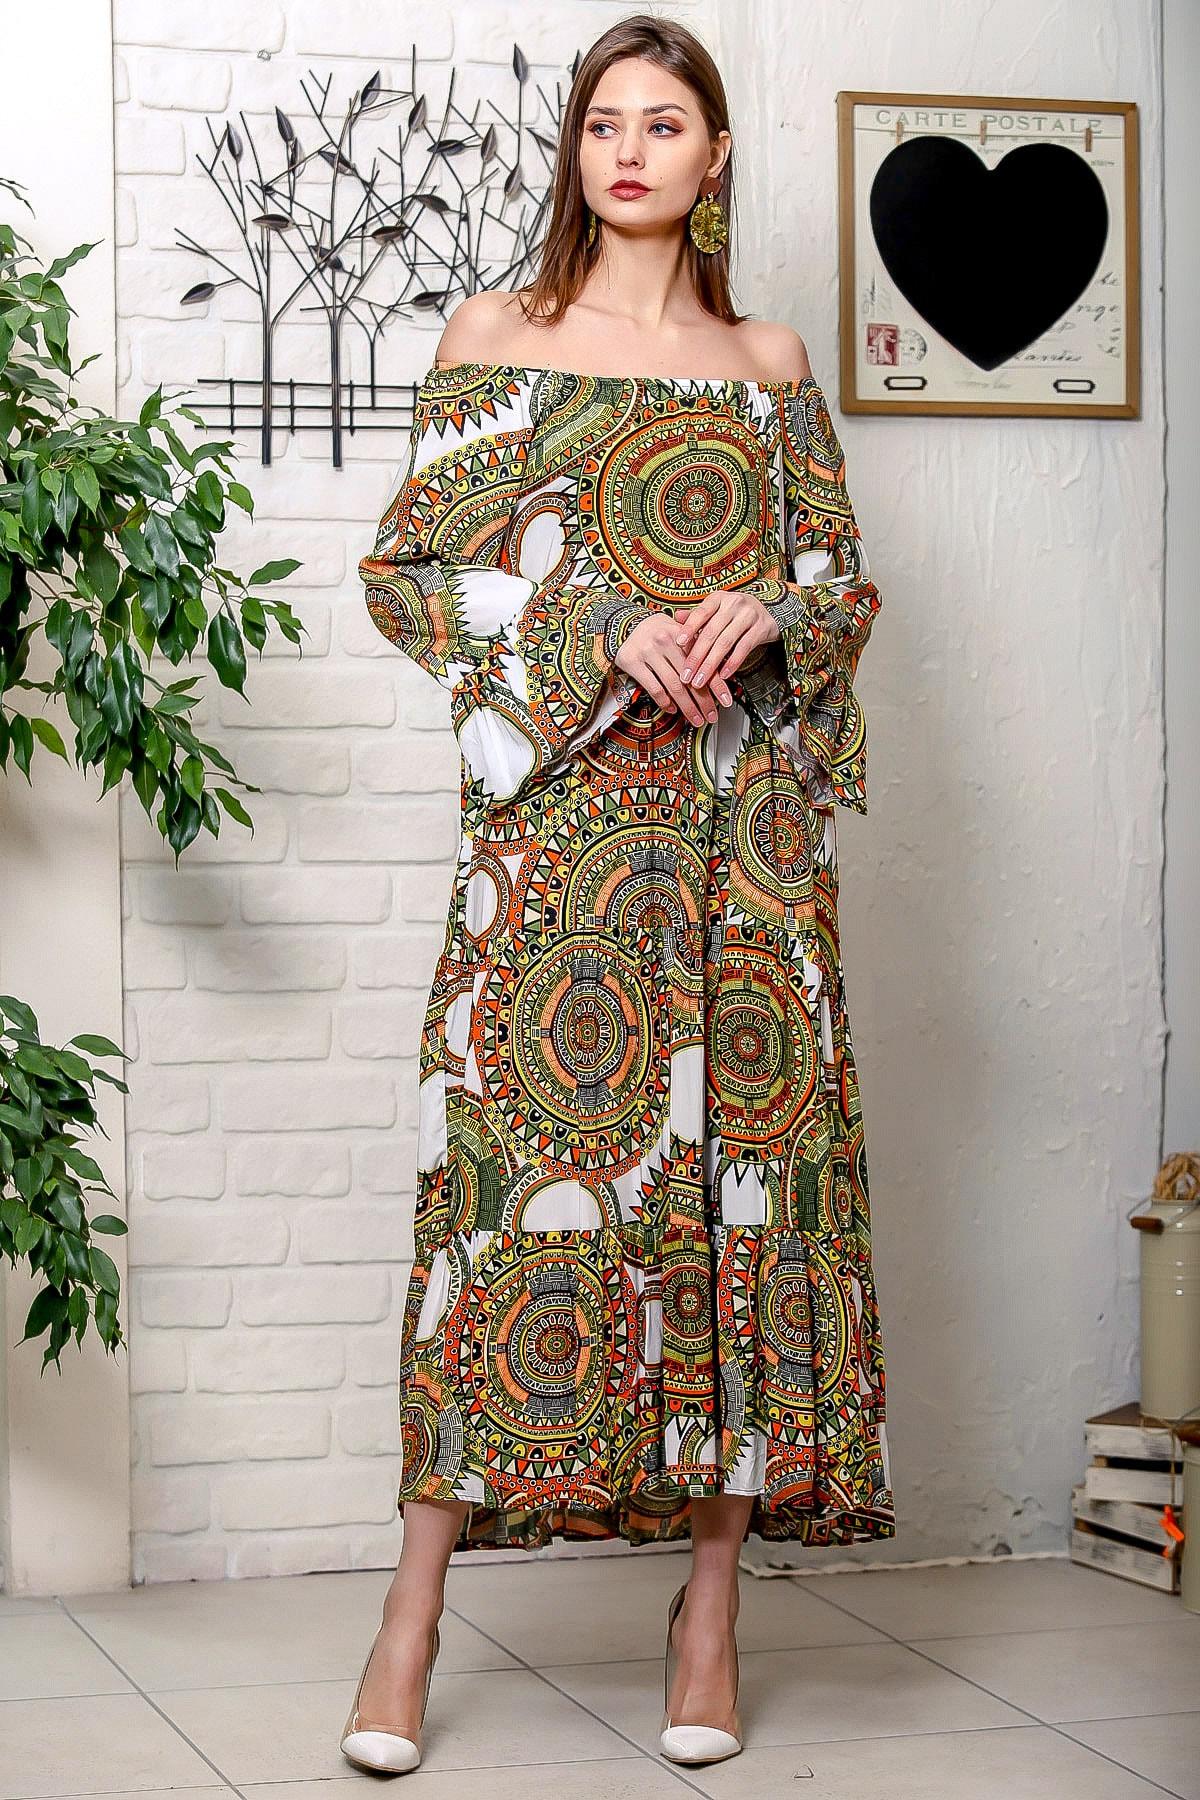 Chiccy Kadın Yeşil-Beyaz Carmen Yaka Geometrik Desenli Kol Ucu Volanlı Salaş Dokuma Elbise M10160000EL95906 1